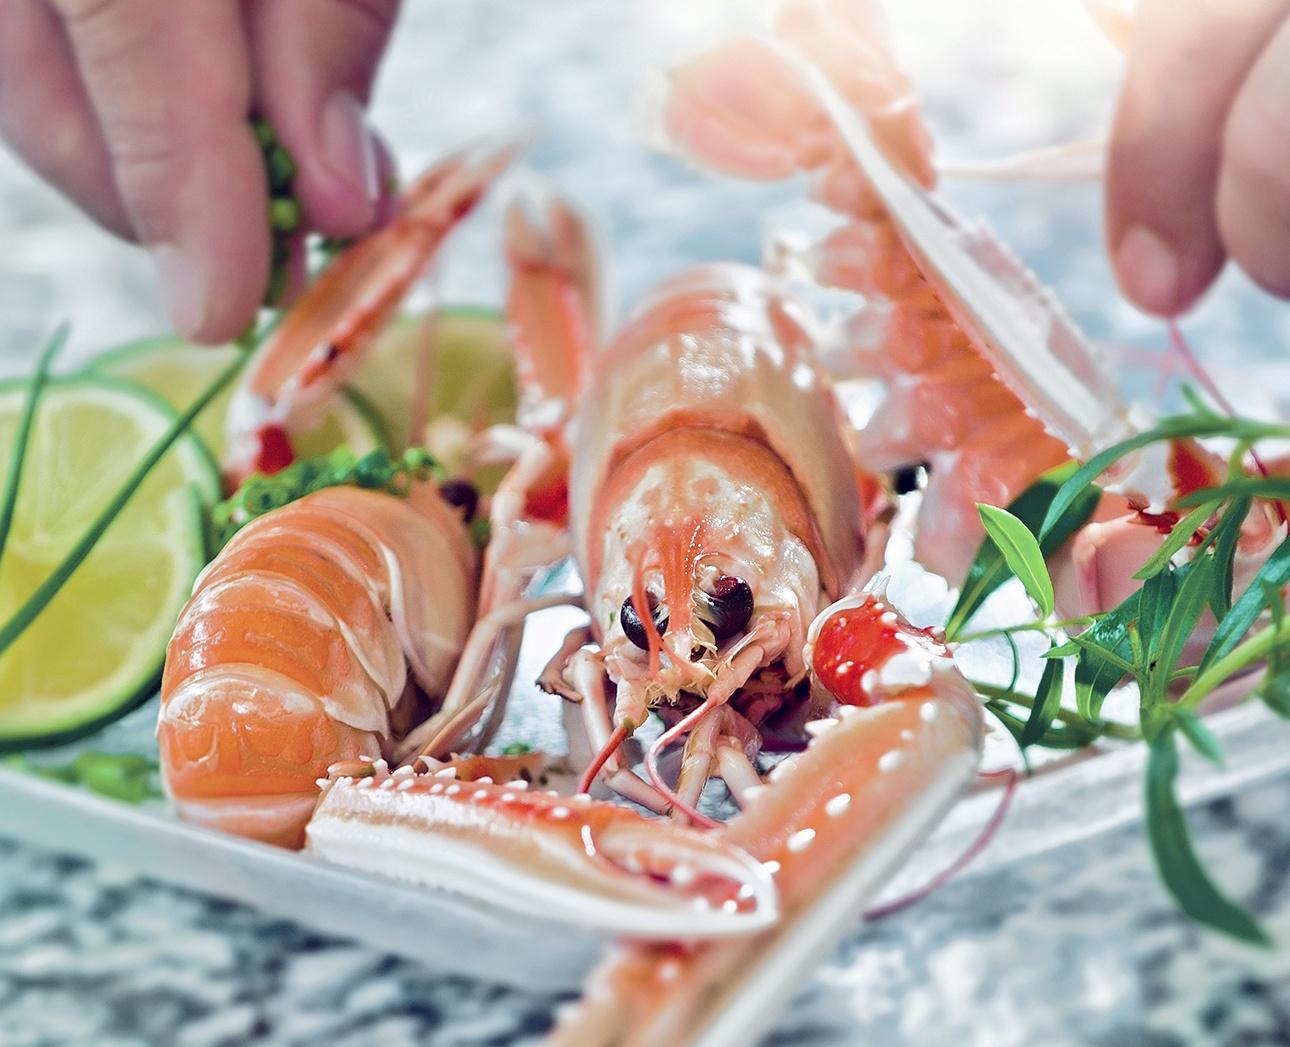 photo culinaire de langoustine